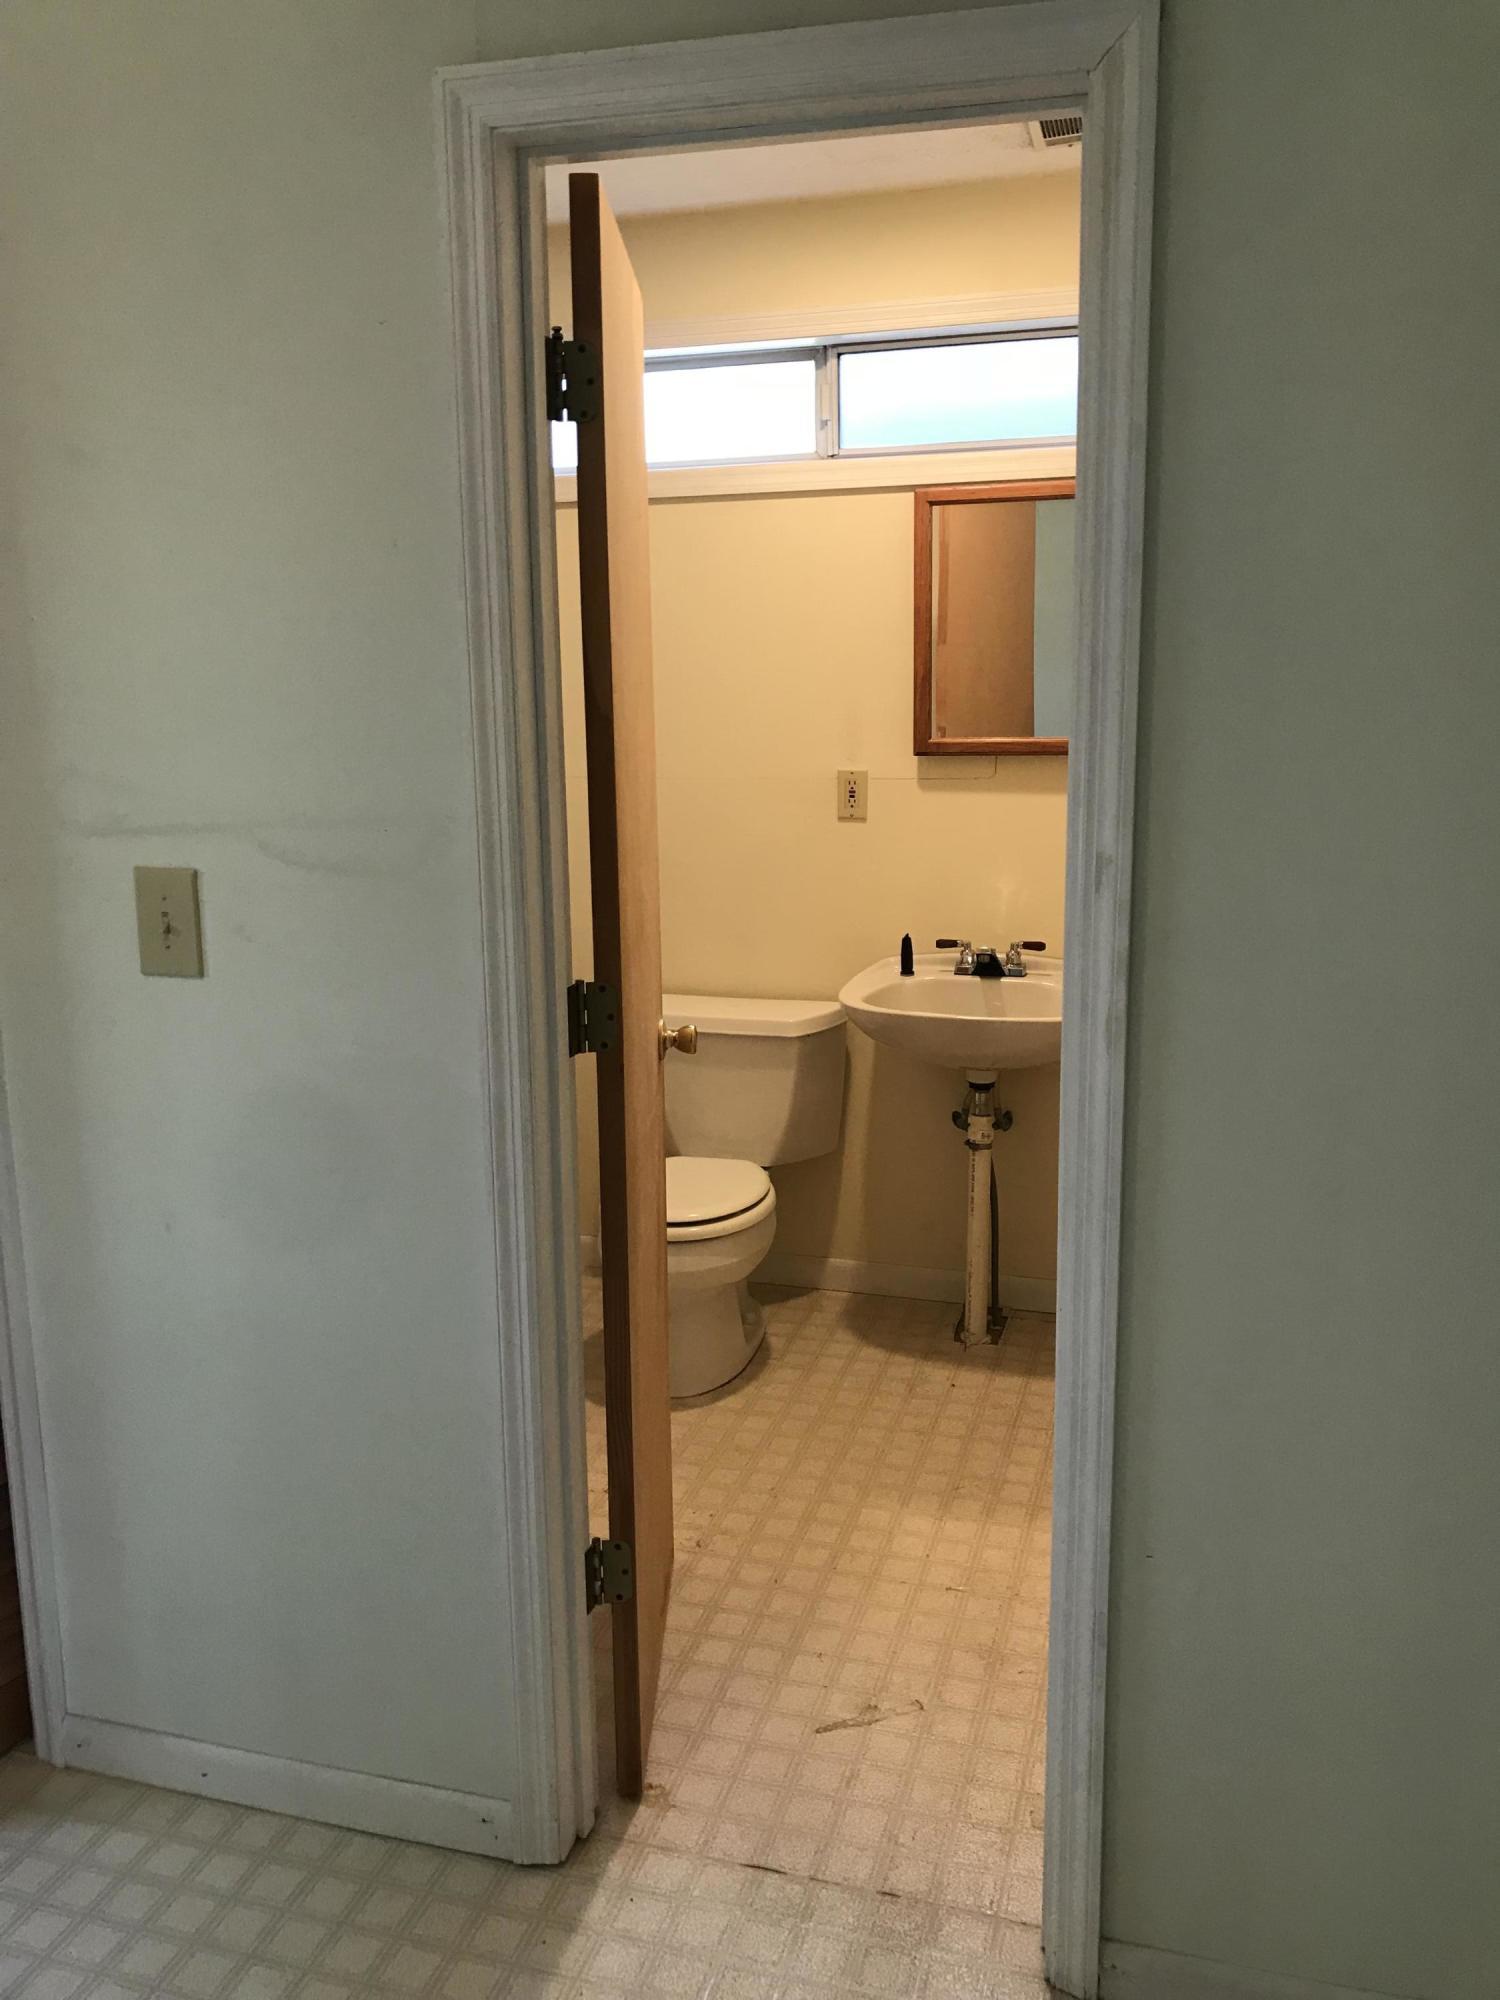 St James Estates Homes For Sale - 103 Westminster, Goose Creek, SC - 82